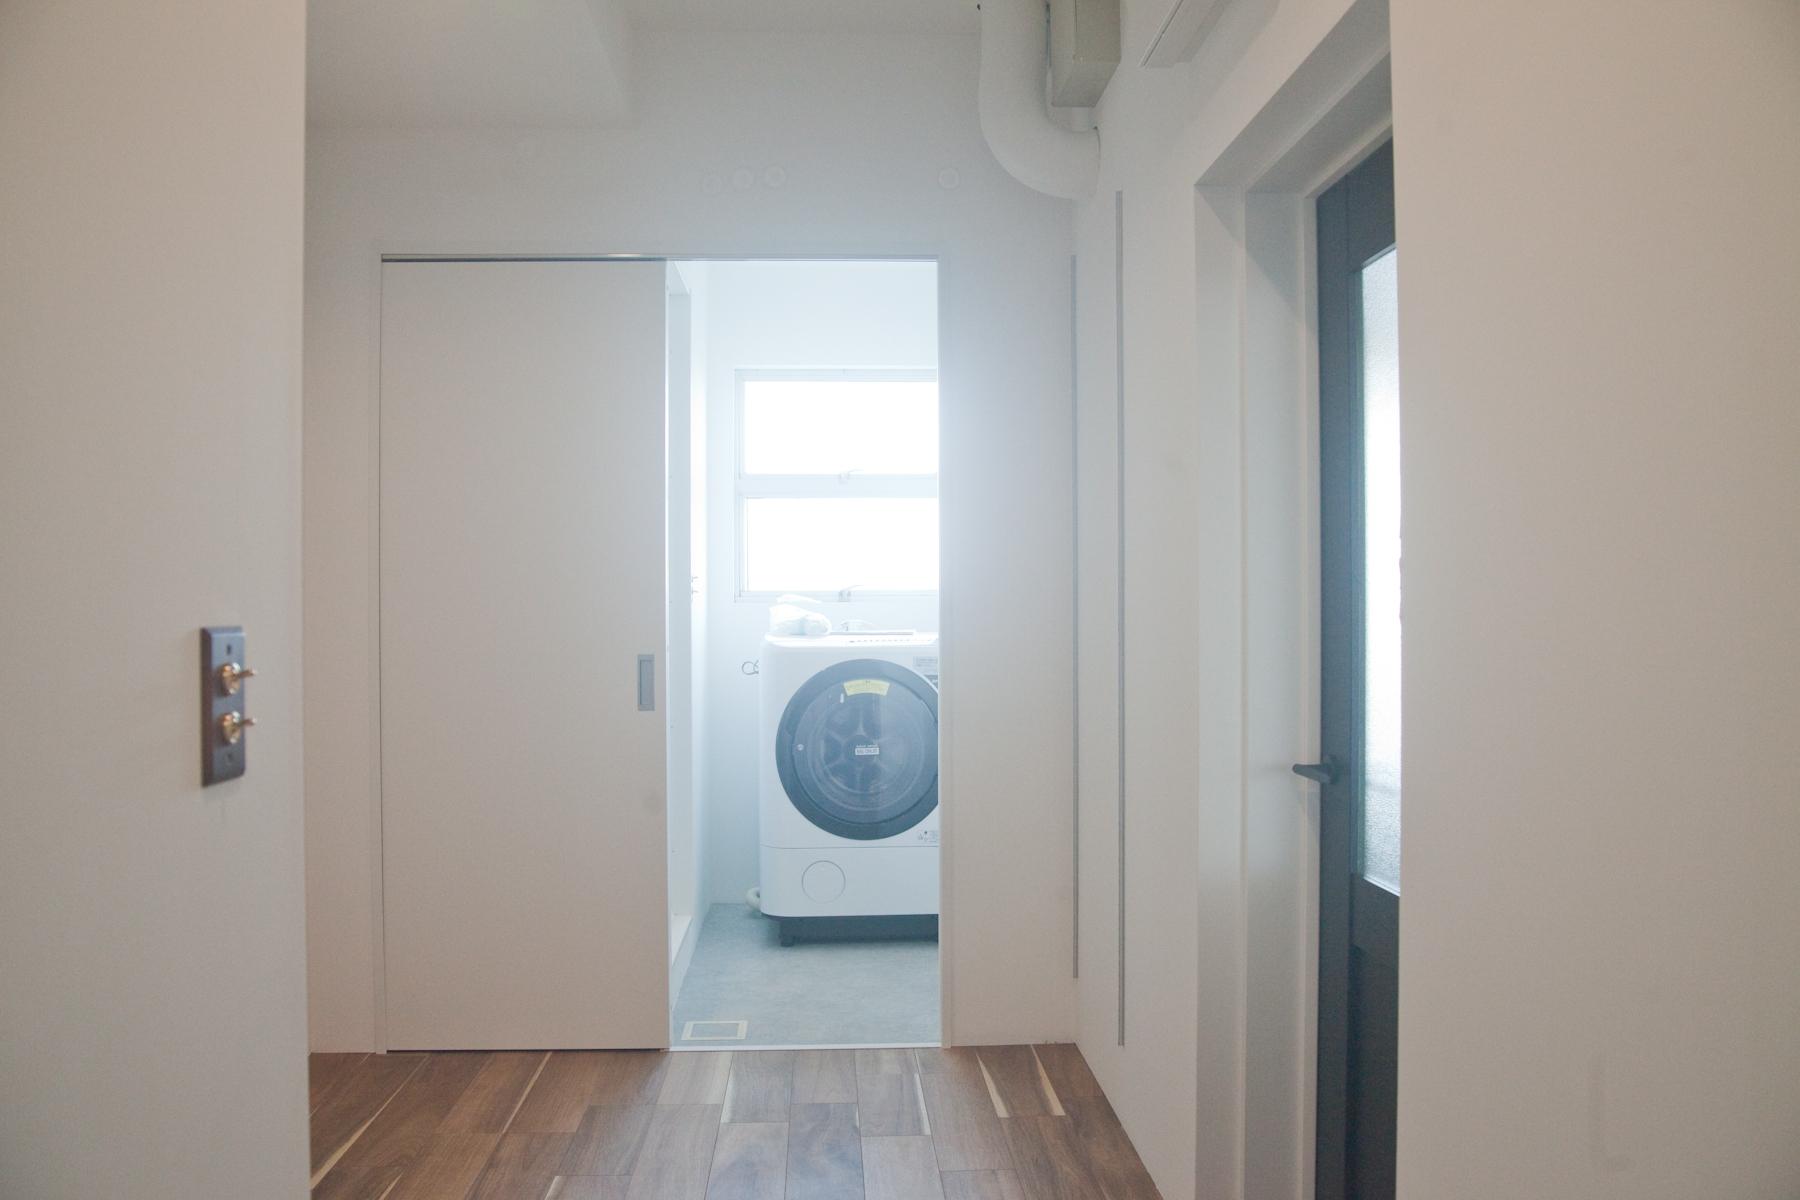 studio Licorne Nero 野沢 (スタジオリコルネネロ野沢)5Fインフィニティウォール